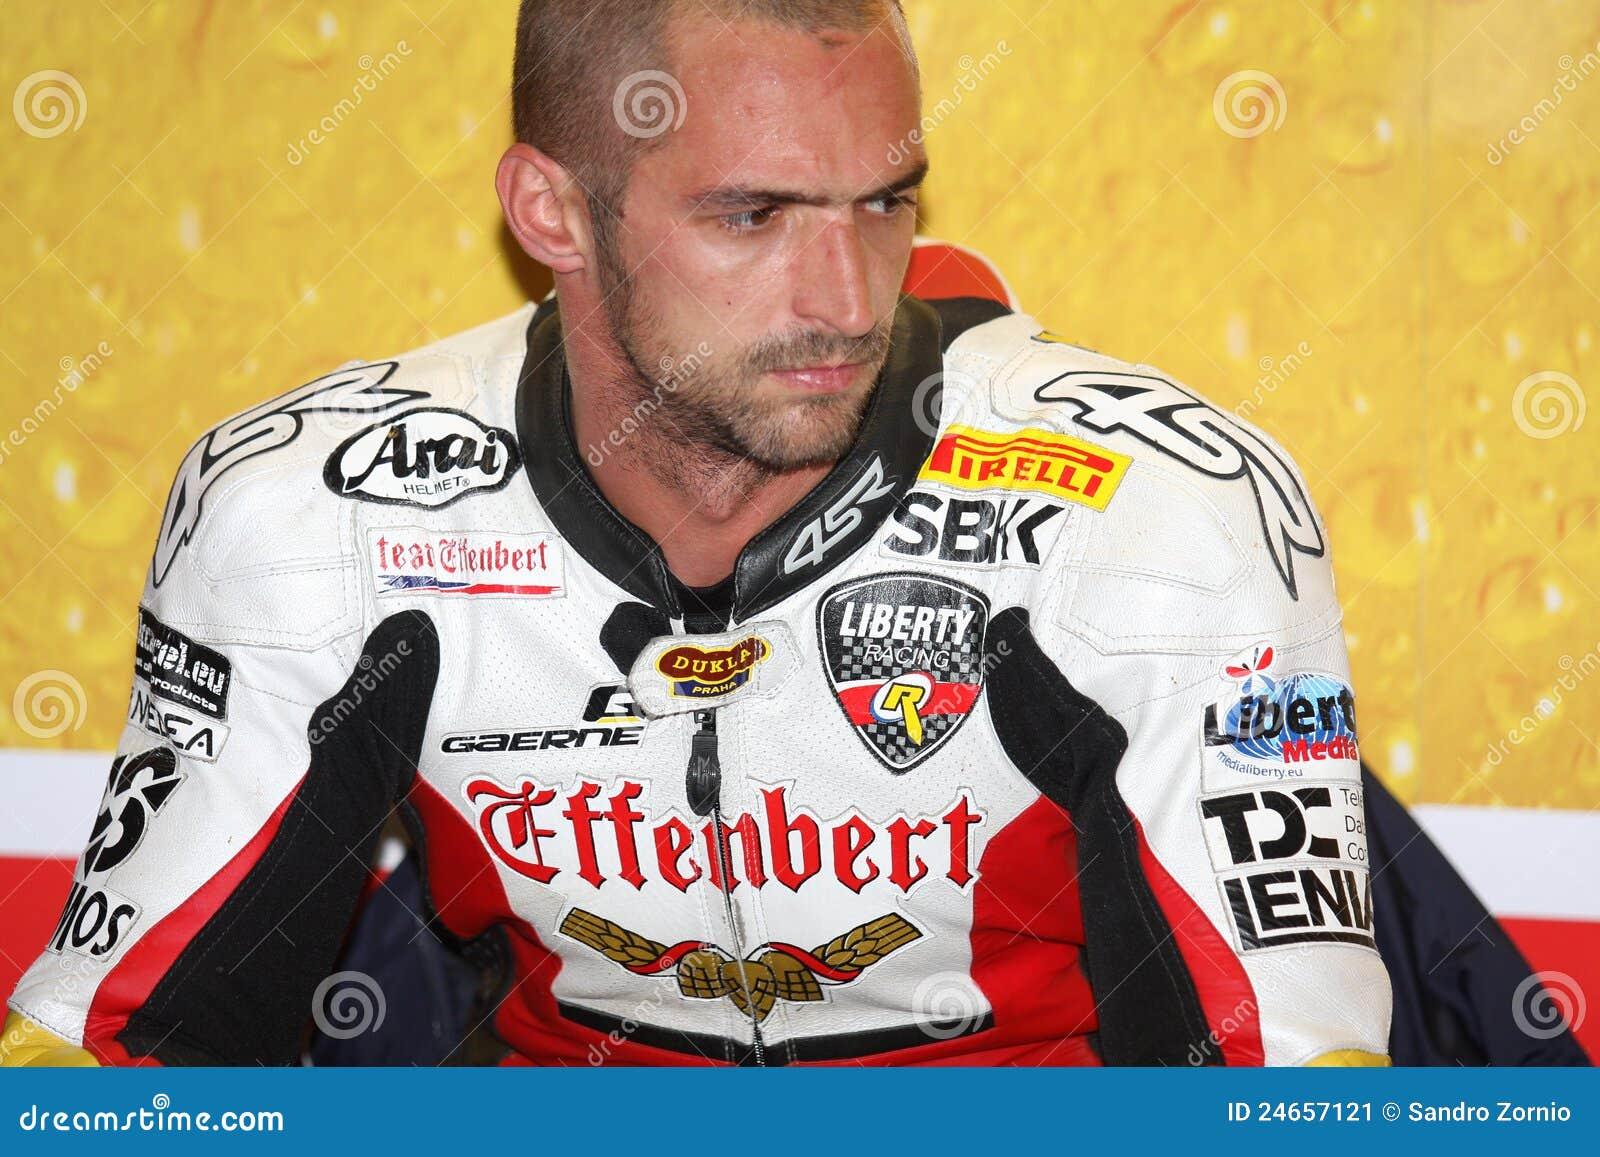 Jakub Smrz - Ducati 1098R - Team la libertà di Effenbert